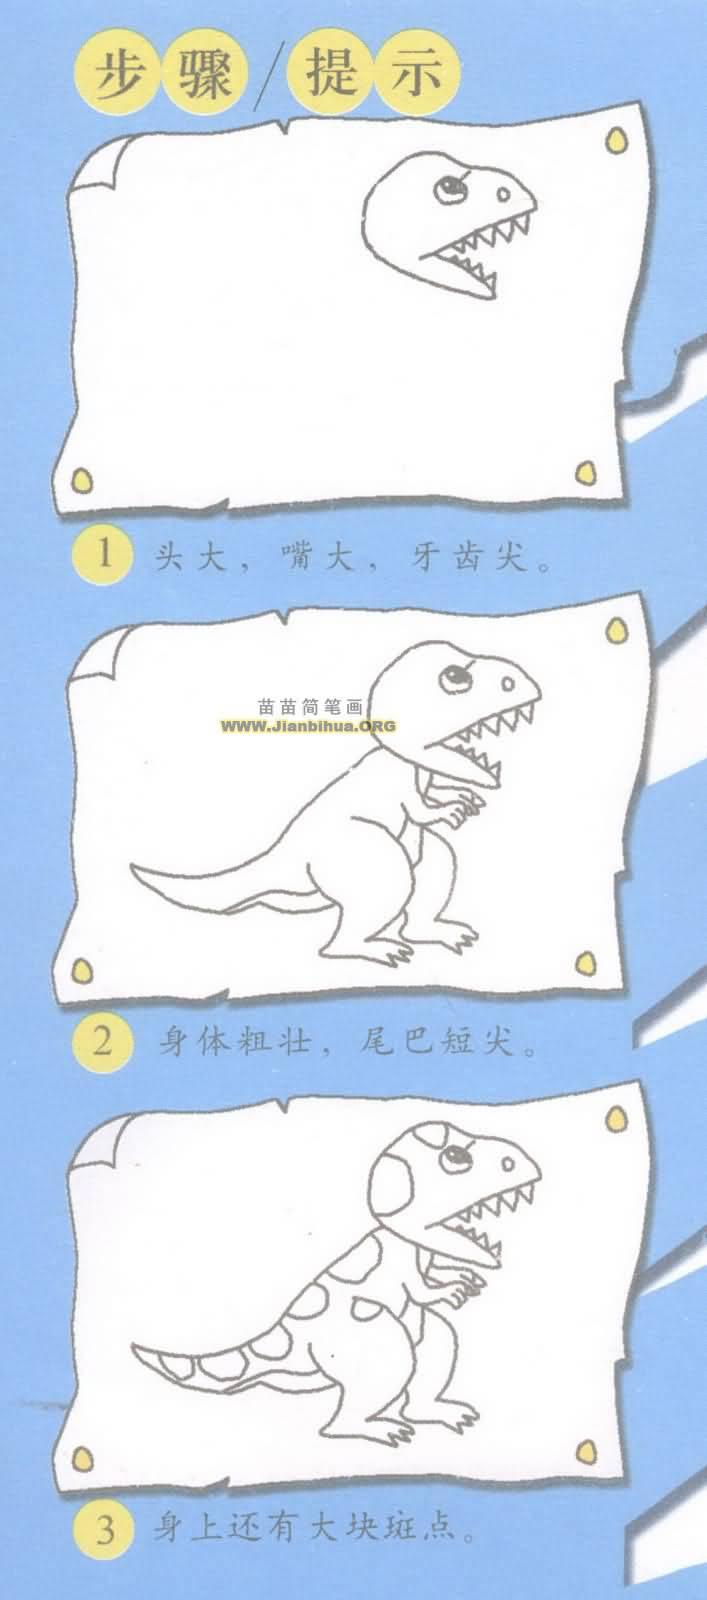 霸王龙简笔画图片画法步骤: